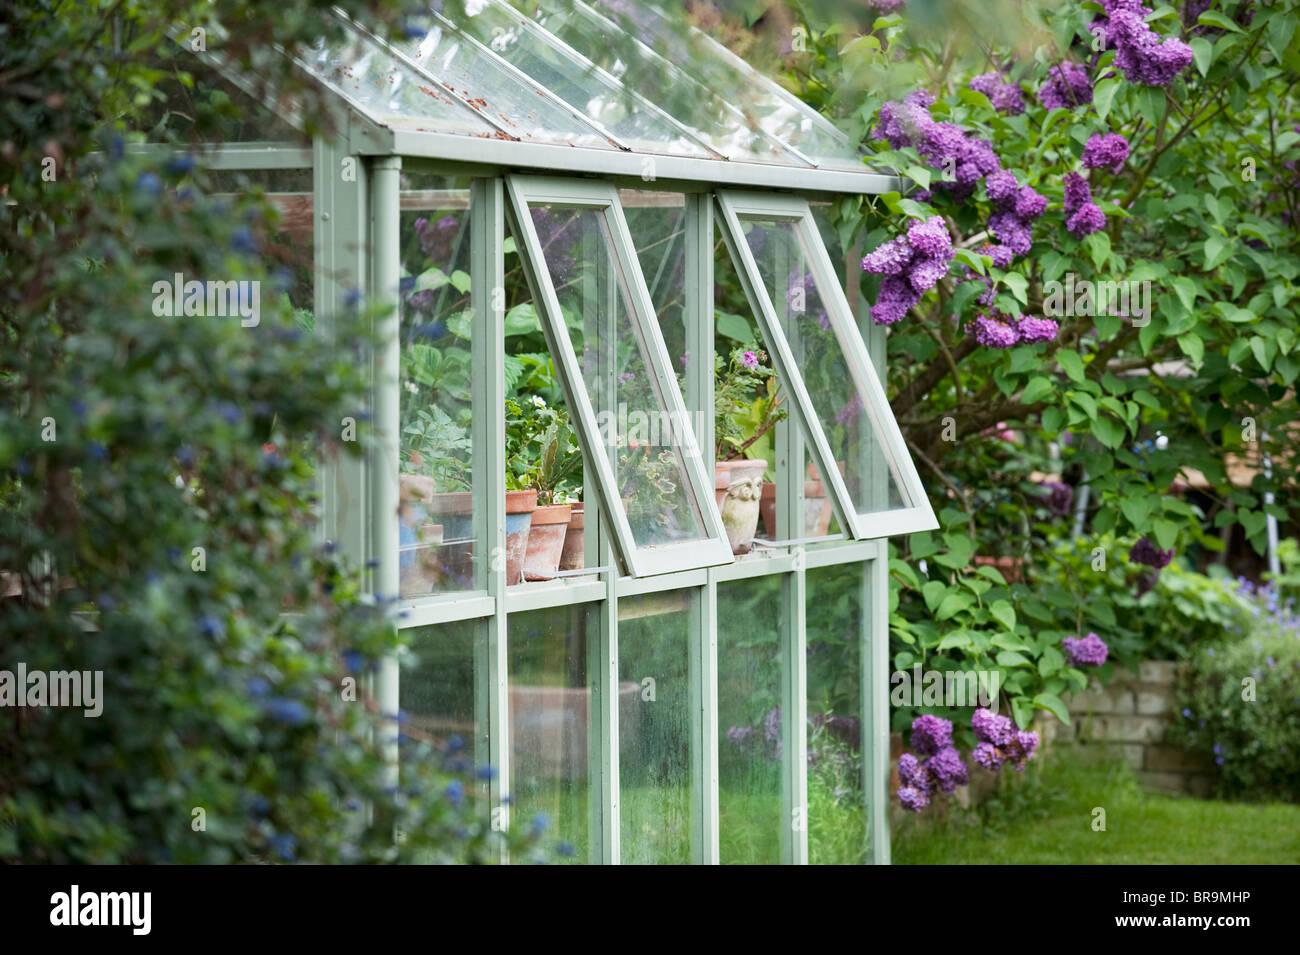 En serre jardin arrière avec fenêtres ouvertes pour la ventilation Photo Stock